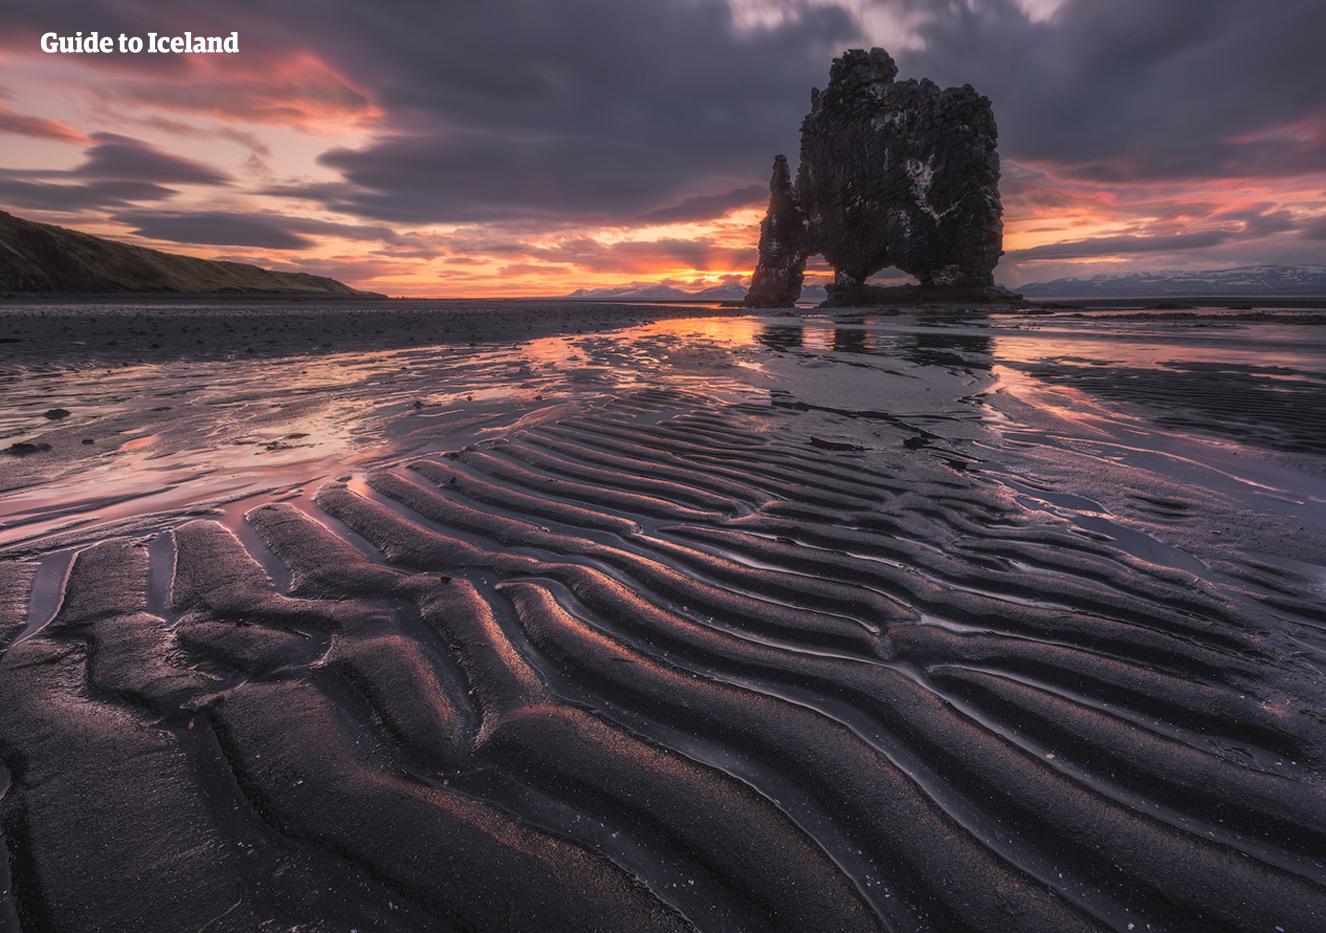 คาบสมุทรวาทน์สเนสในทางเหนือของไอซ์แลนด์มีเสาหินฮวิทแซร์กูร์ตั้งอยู่อย่างโดดเดี่ยว